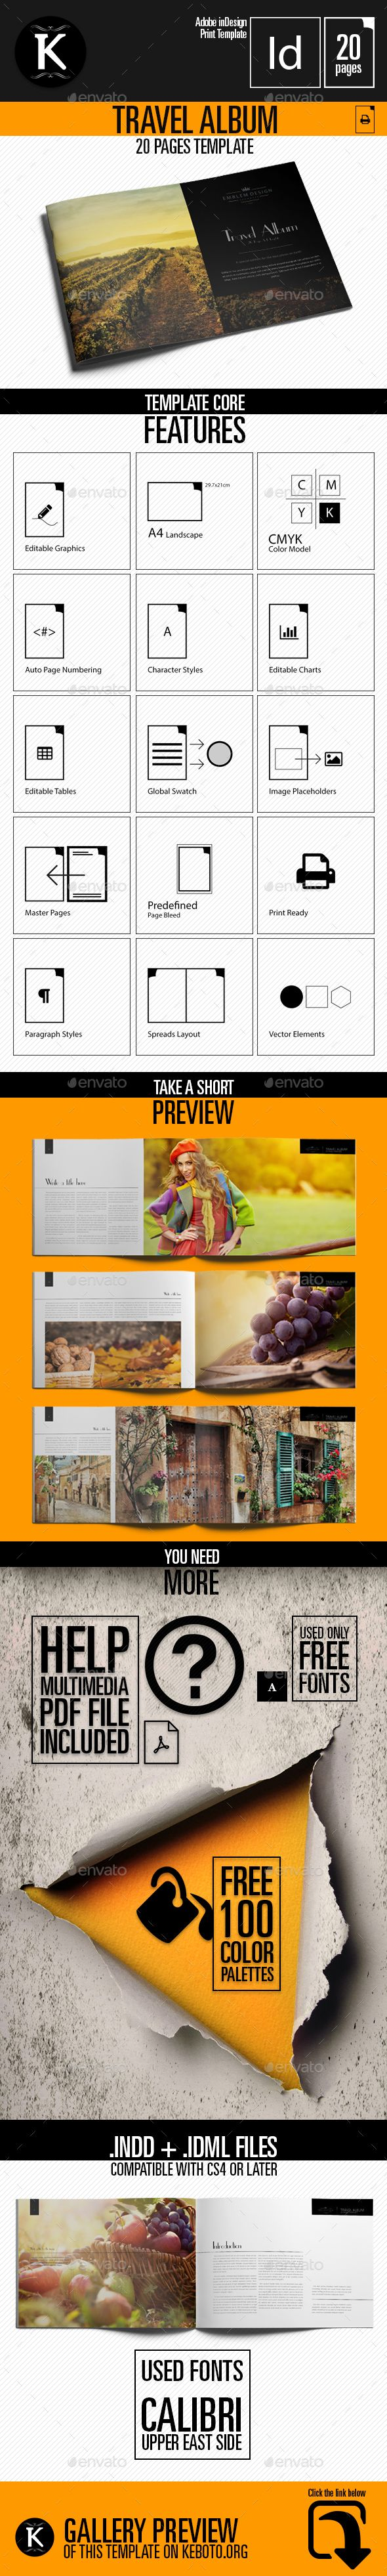 70 mejores imágenes de Templates en Pinterest | Planificación ...